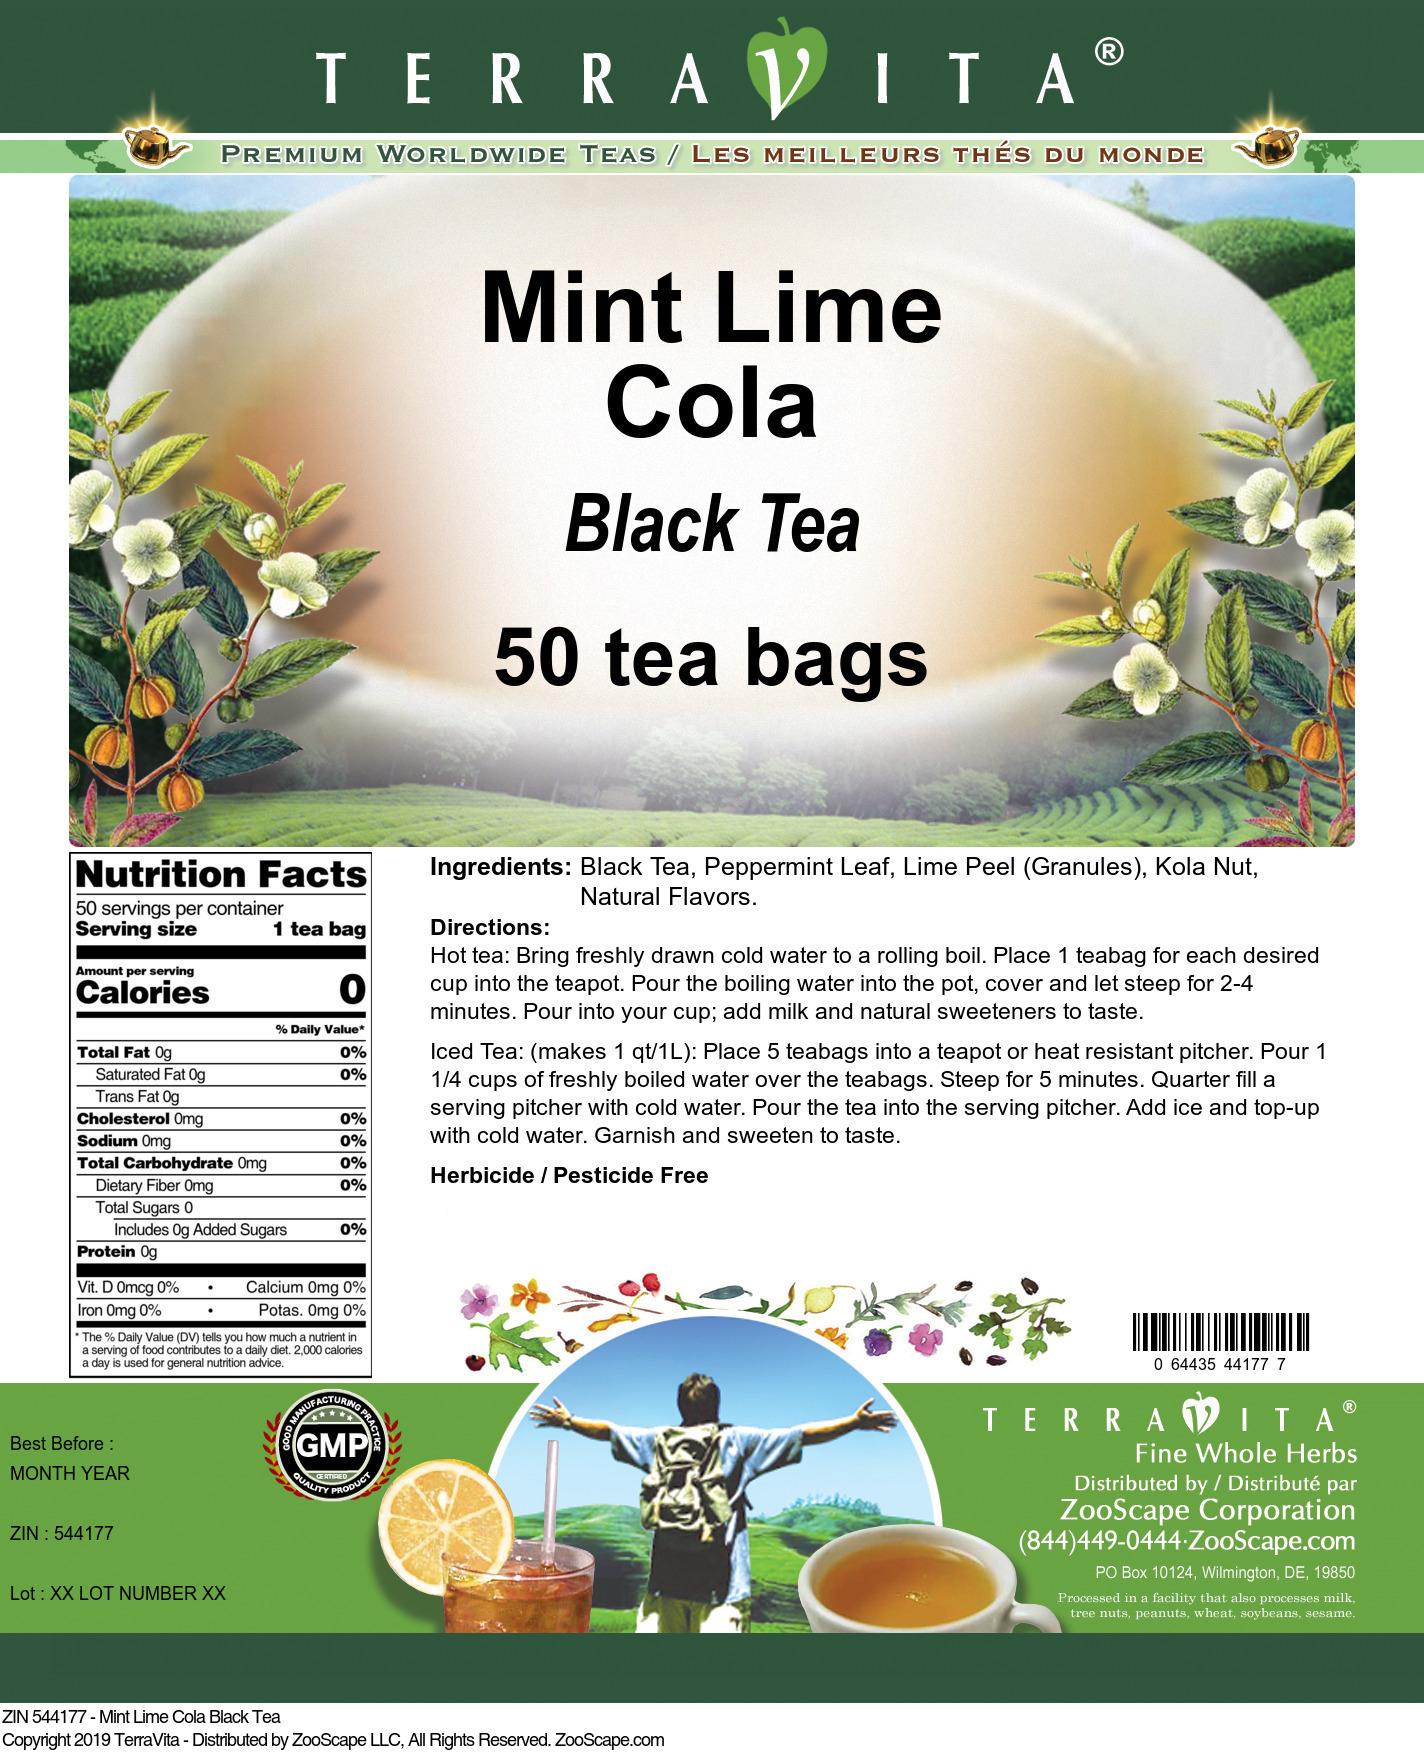 Mint Lime Cola Black Tea